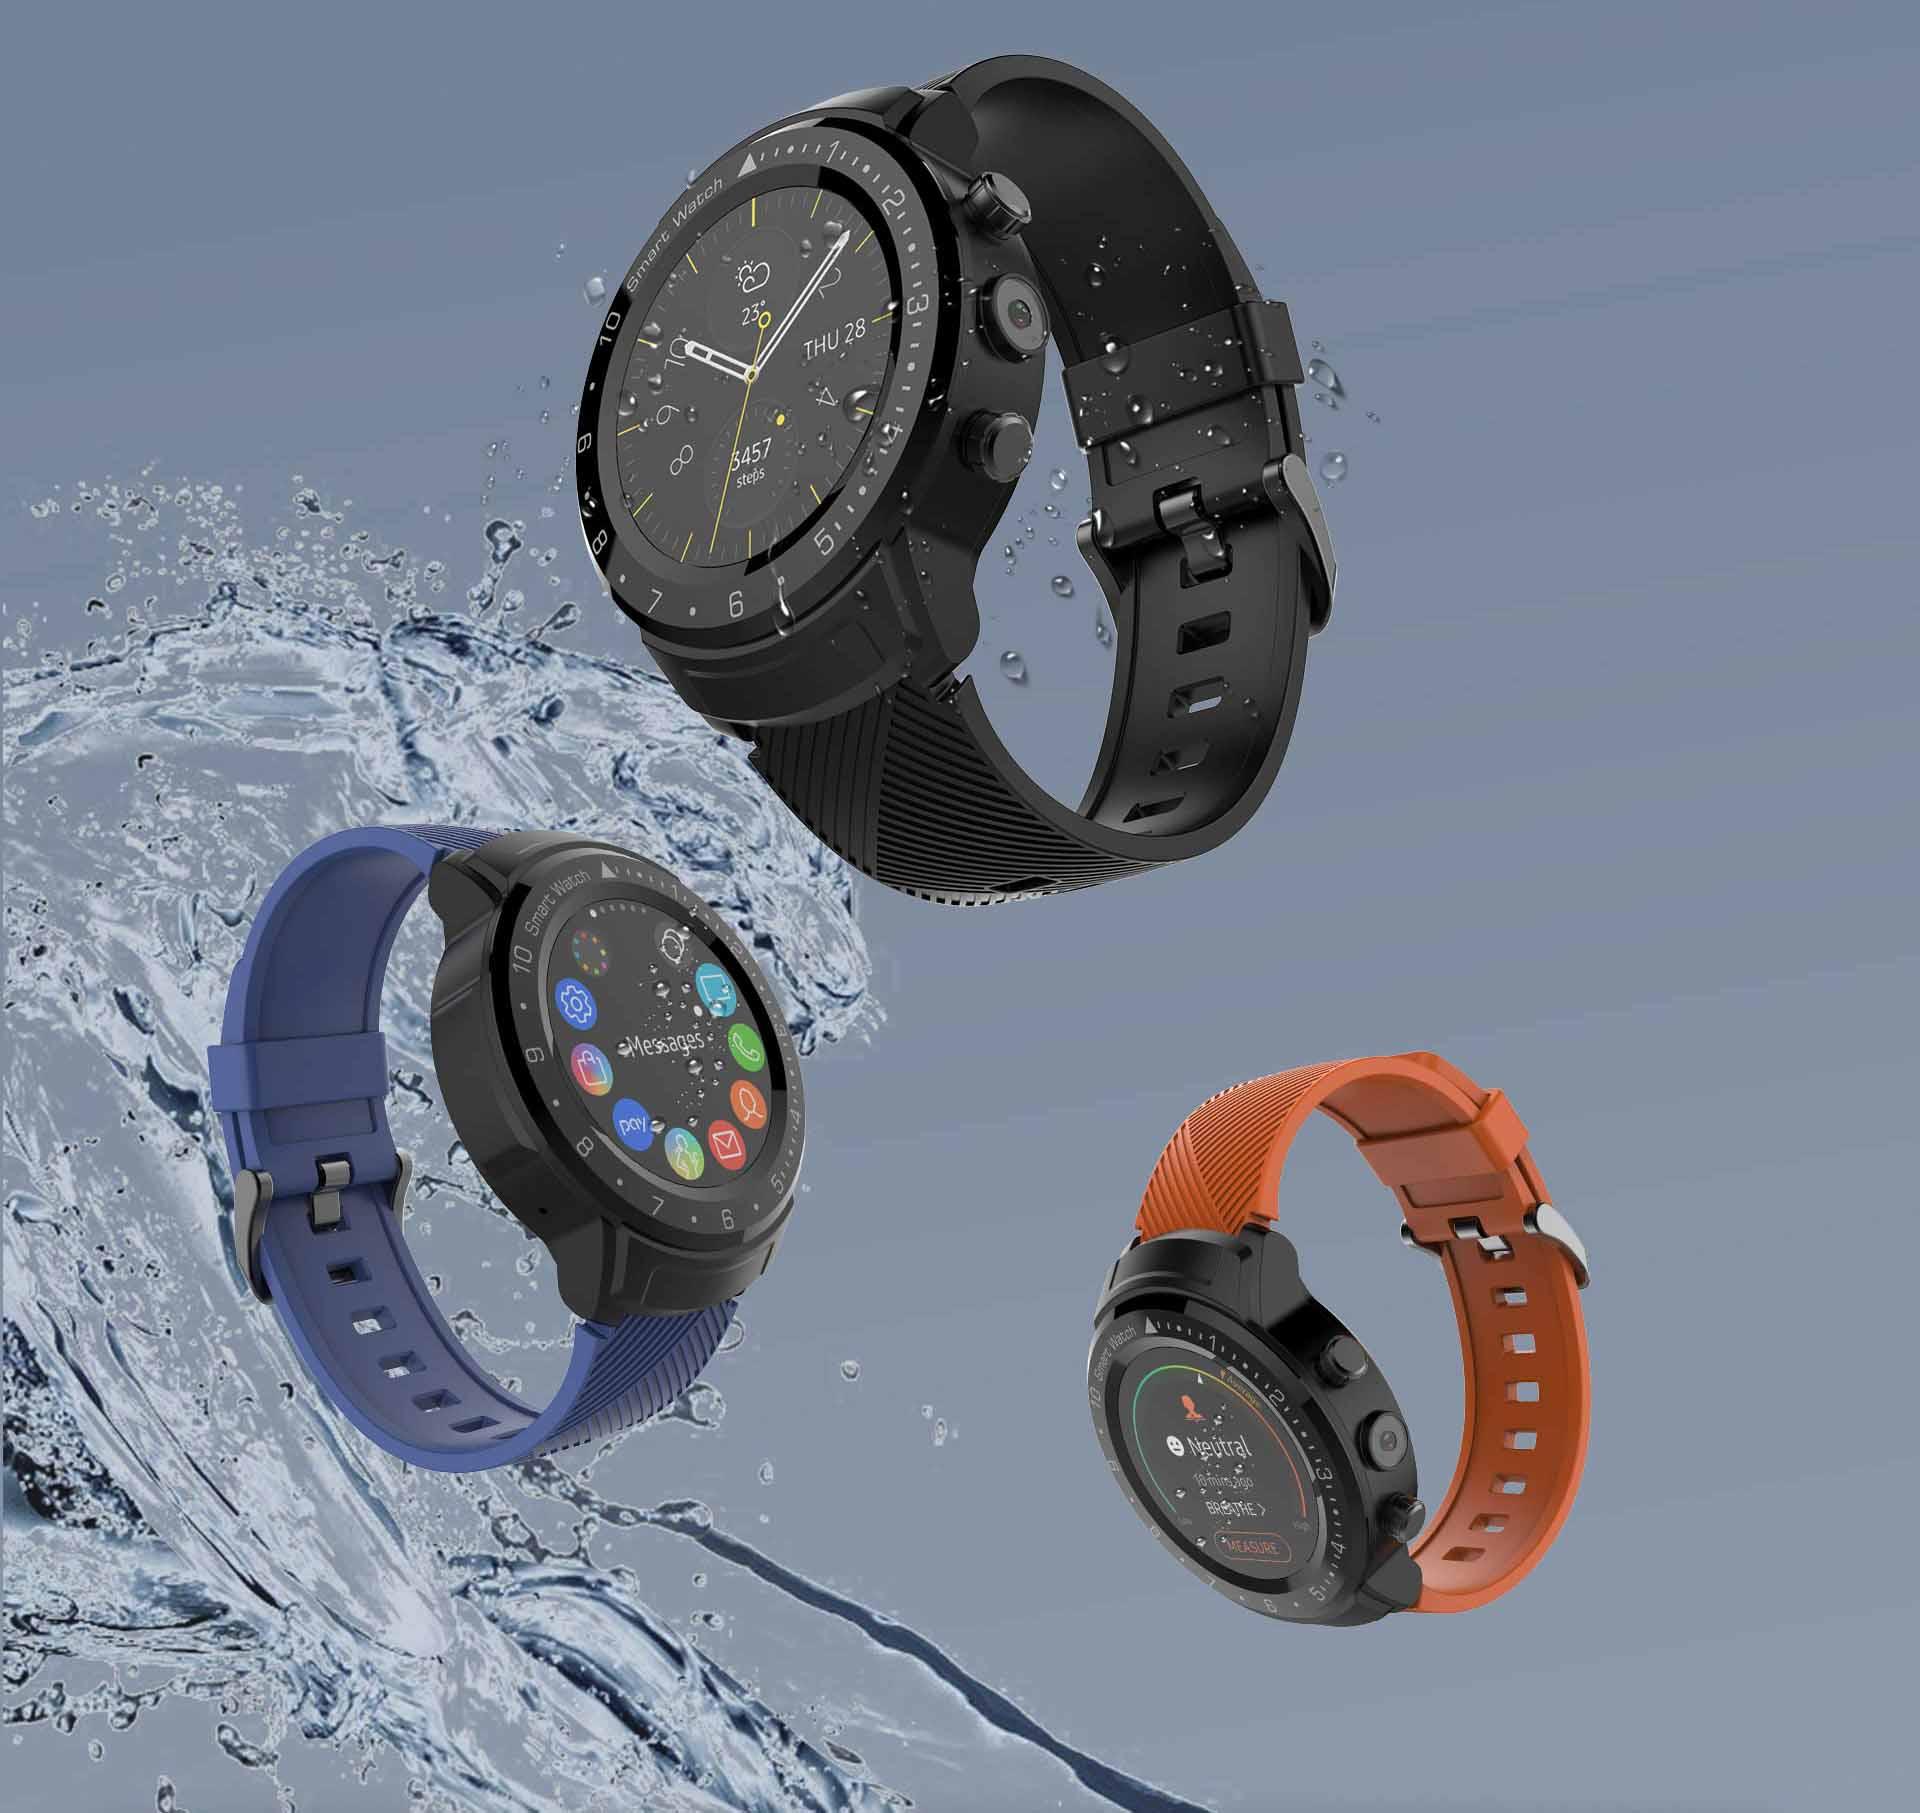 DA09 Smart Watch Phone 1G 16G full touch screen gps heart rate 4G LTE waterproof